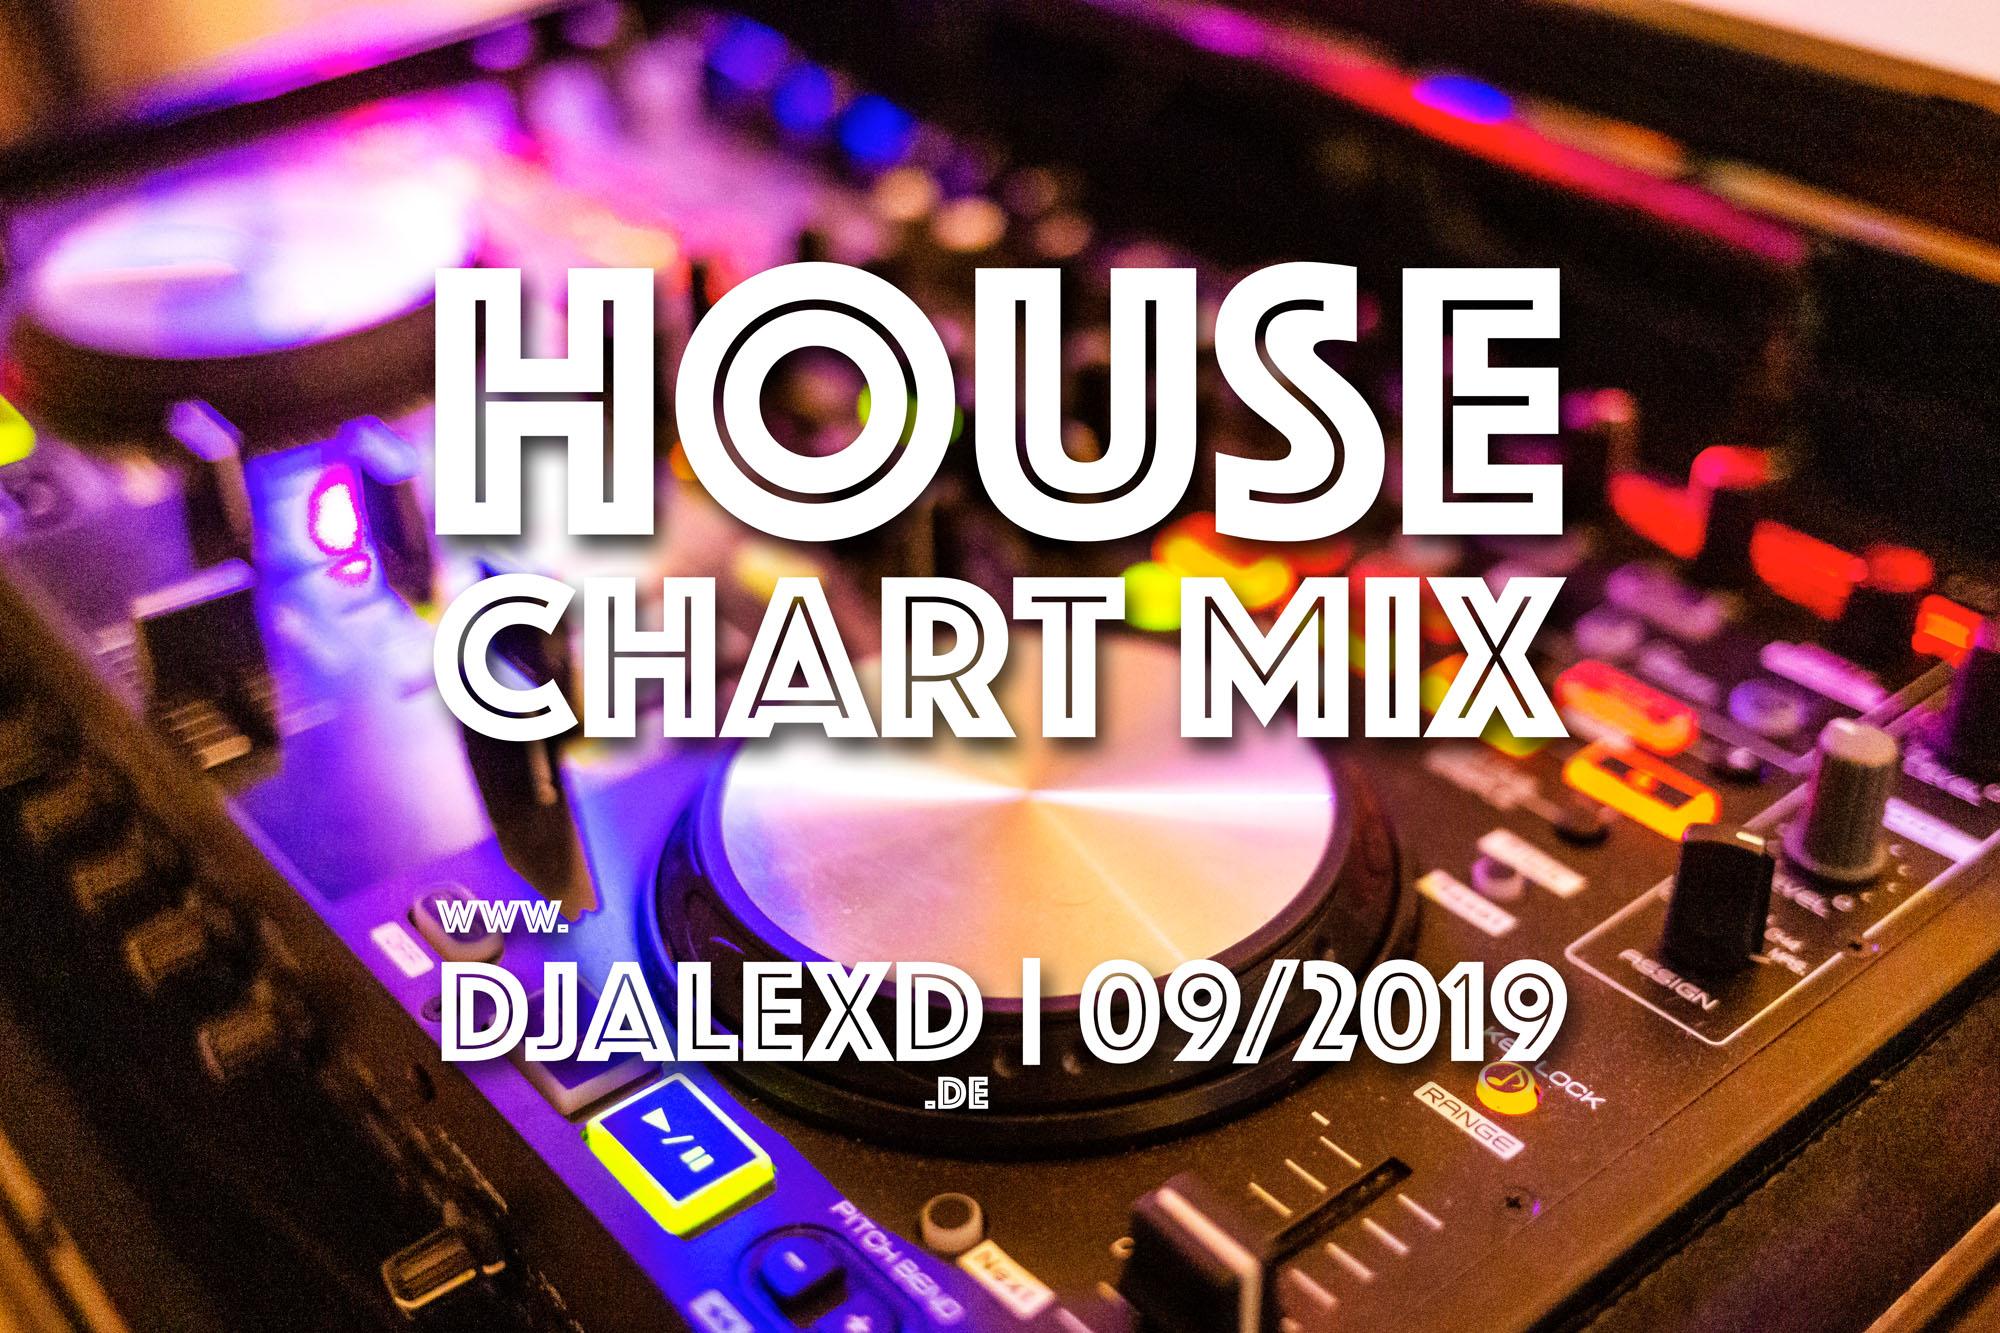 House Chart Mix 9/2019